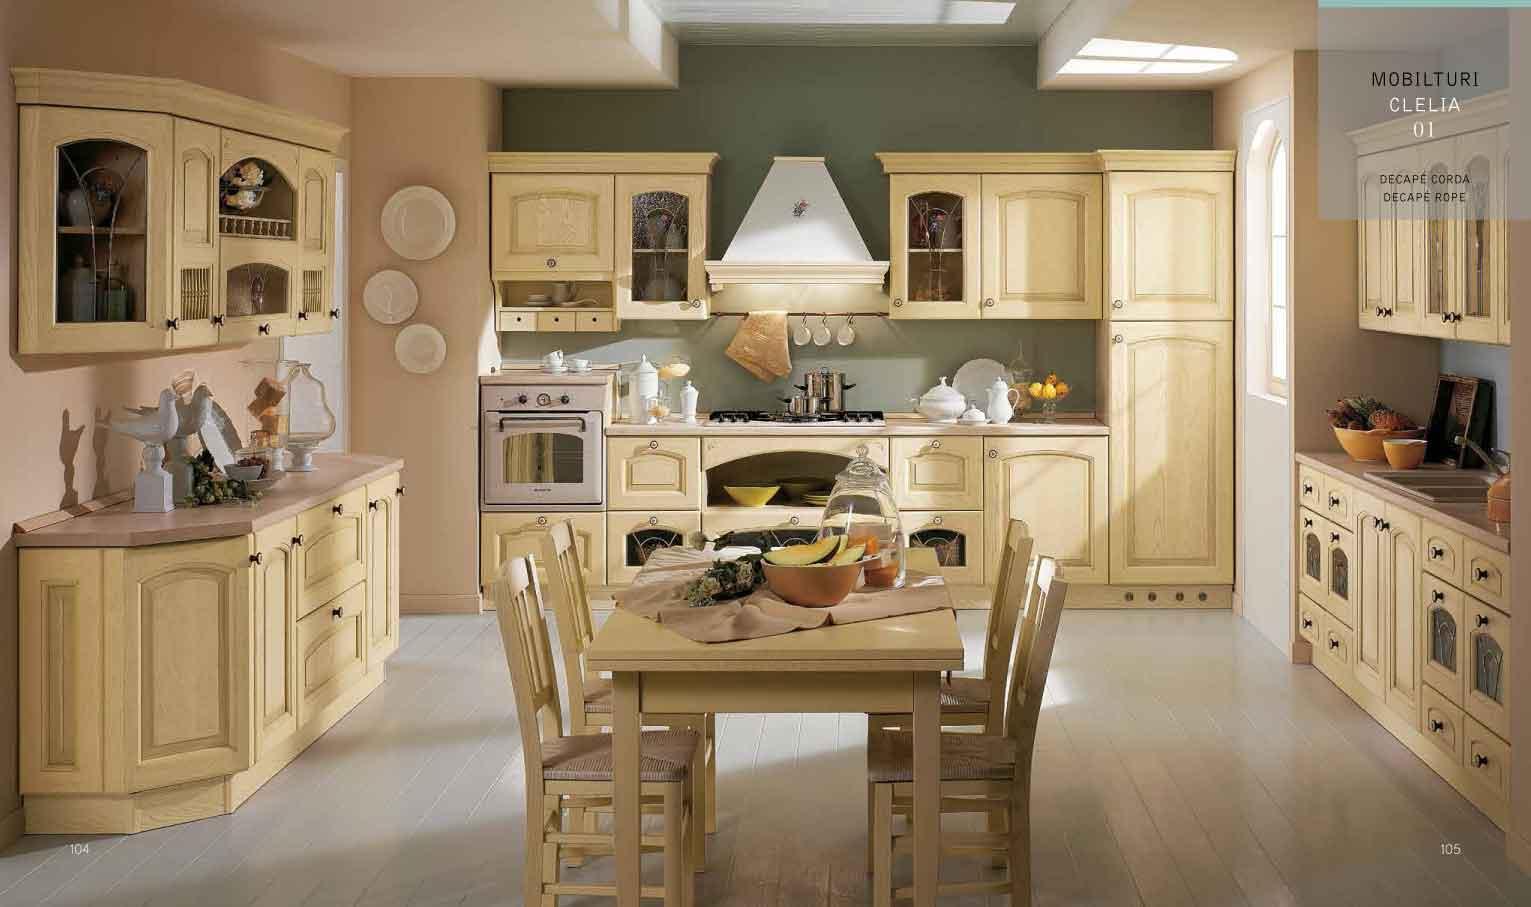 Cucina decape 39 classica clelia tutto mobili arredamento - Rivestimenti per cucine classiche ...